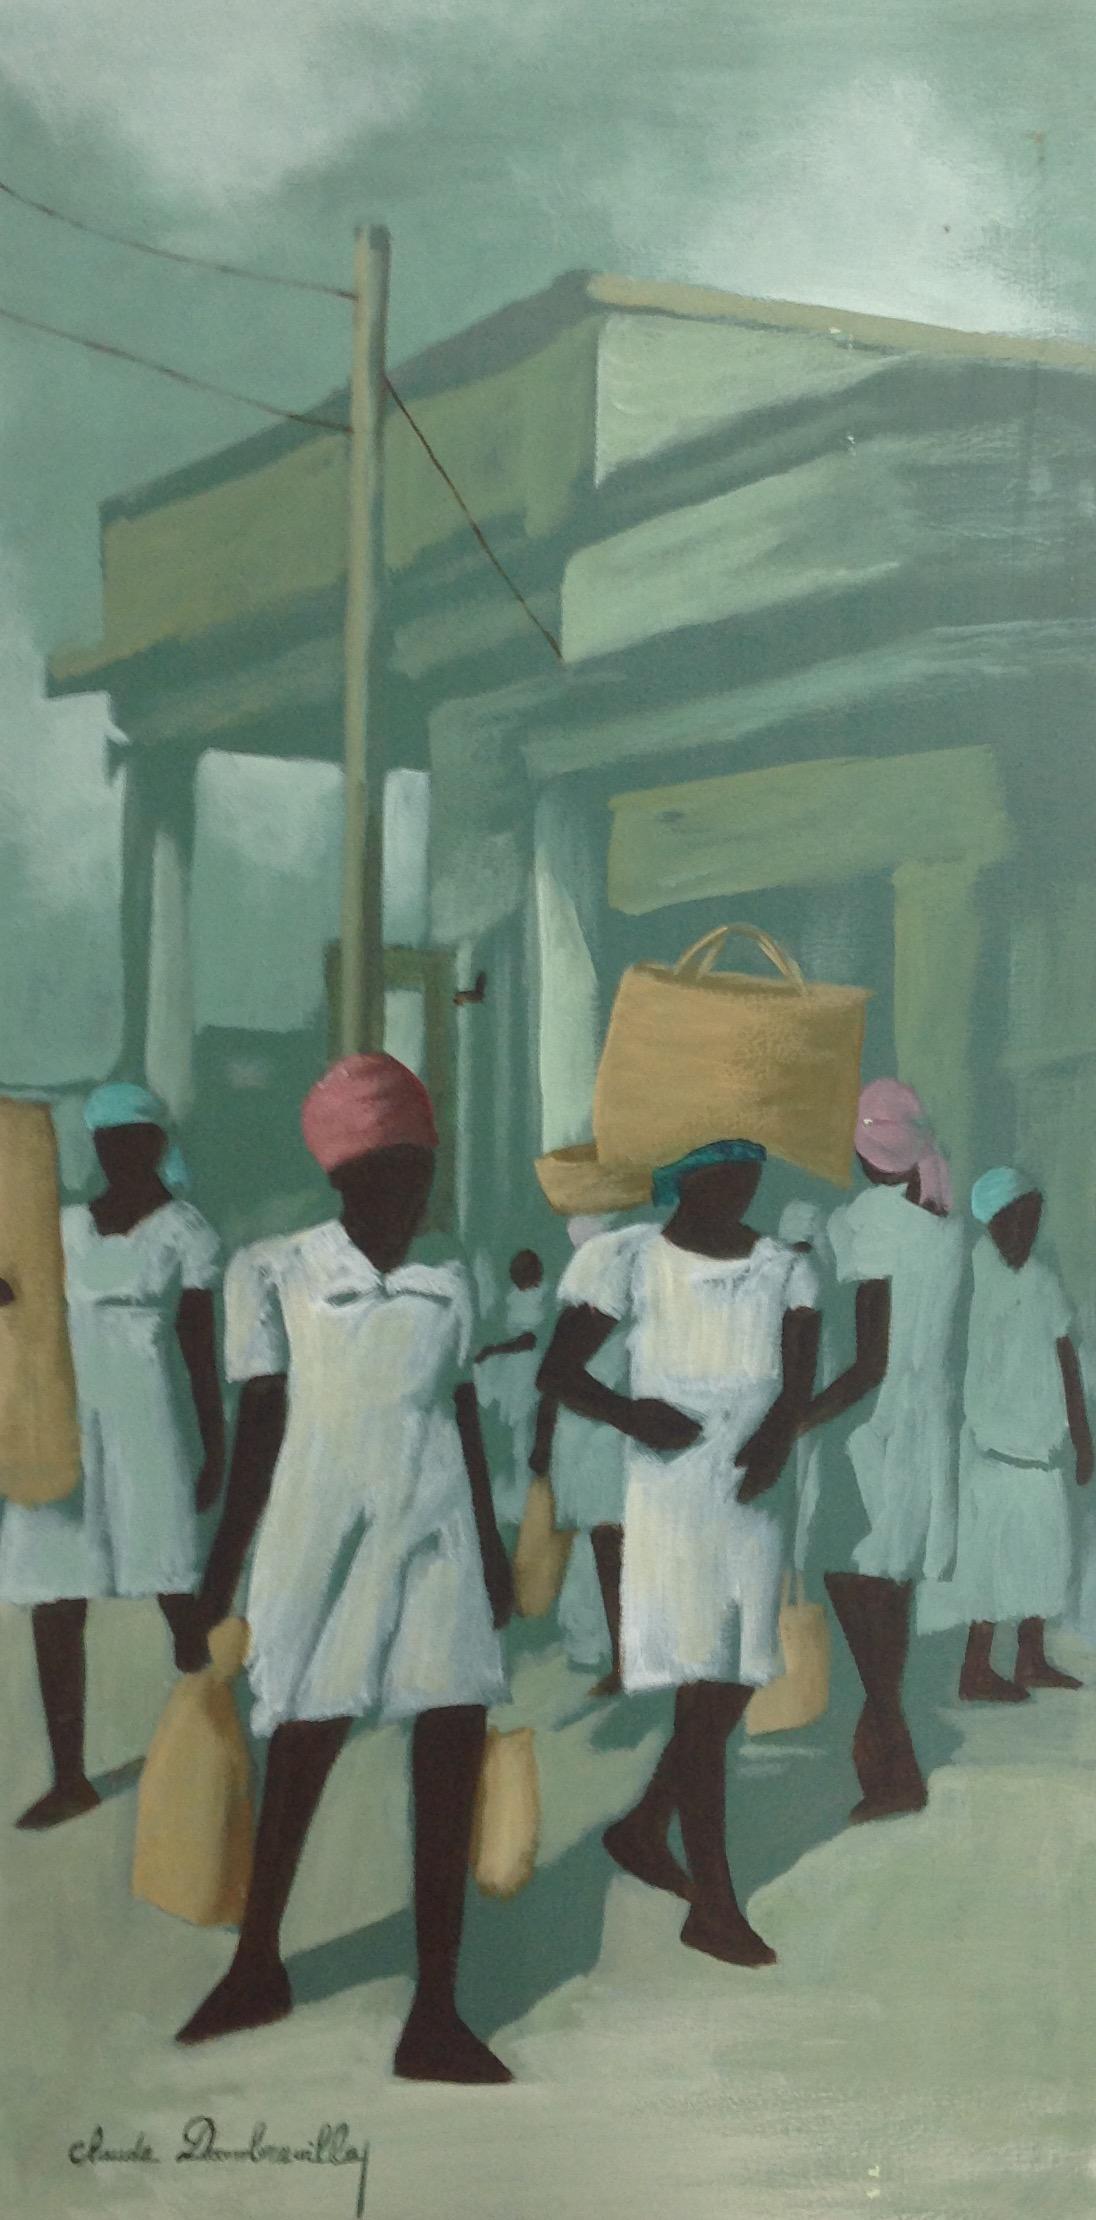 Dambreville Claude 18X36 #63-3-96 canvas 1999